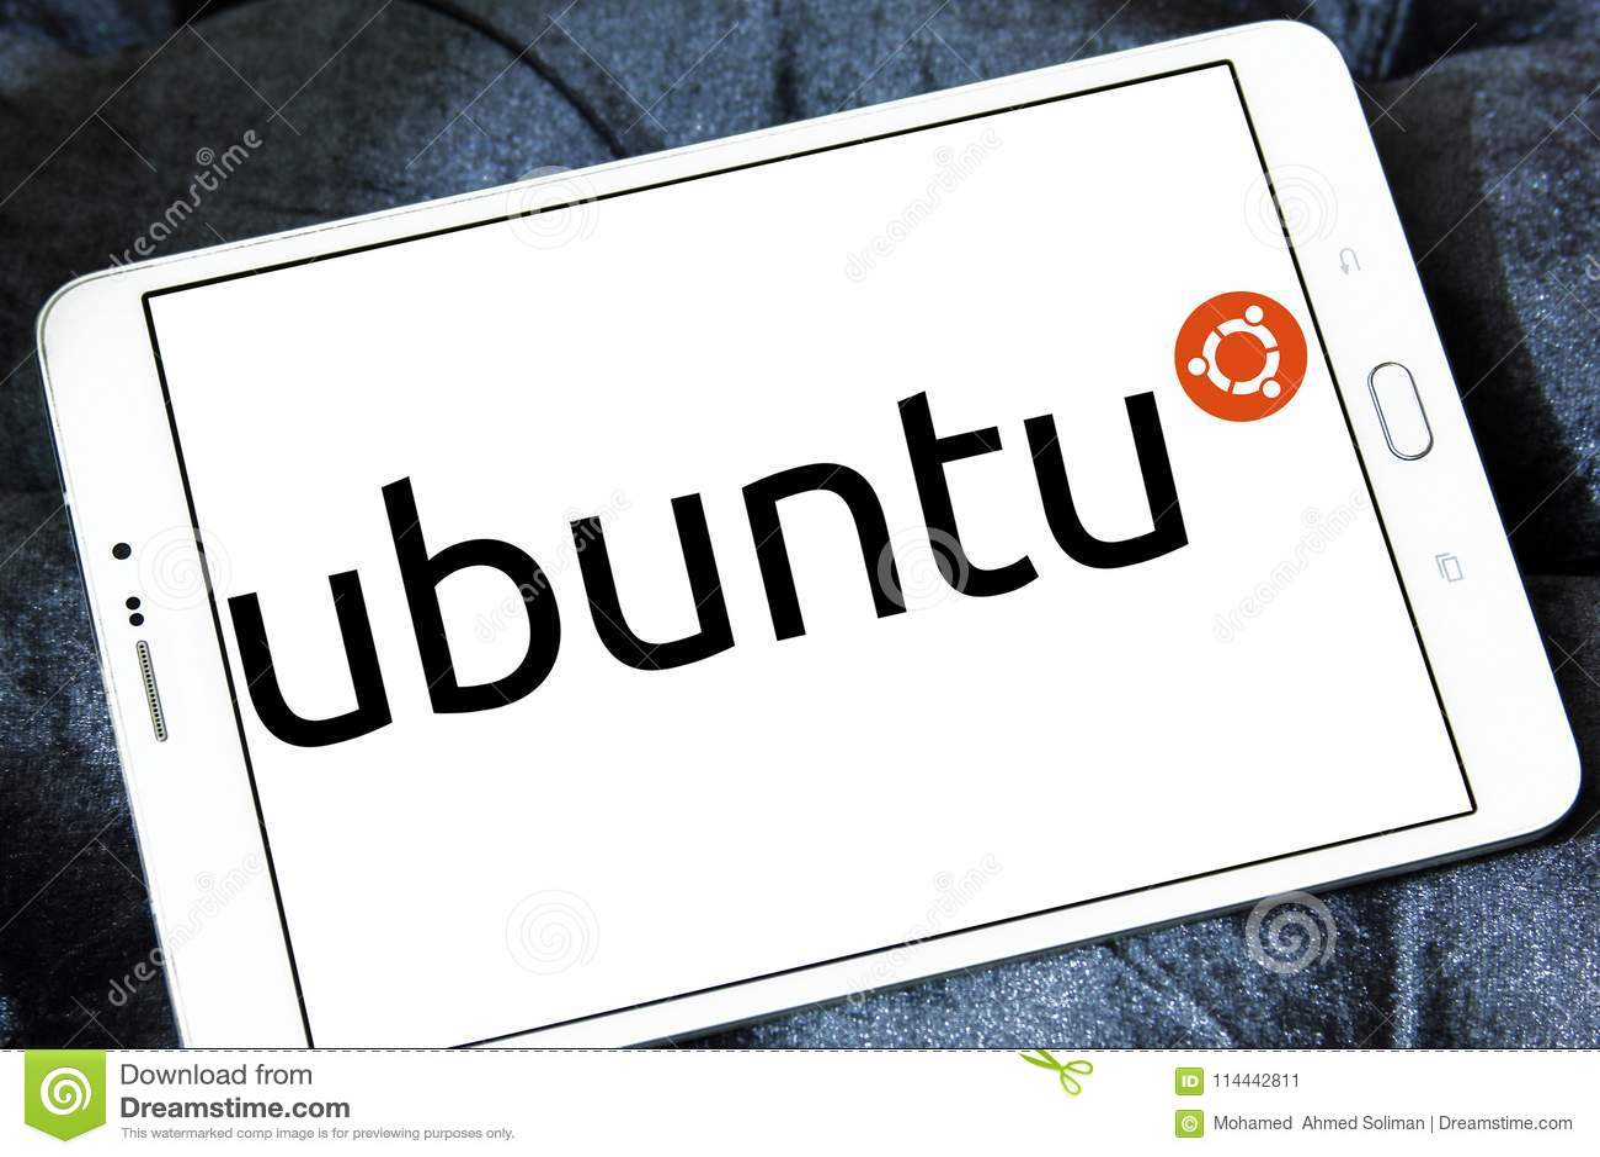 Ubuntu Operating System Logo Editorial Photo - Image of commercial